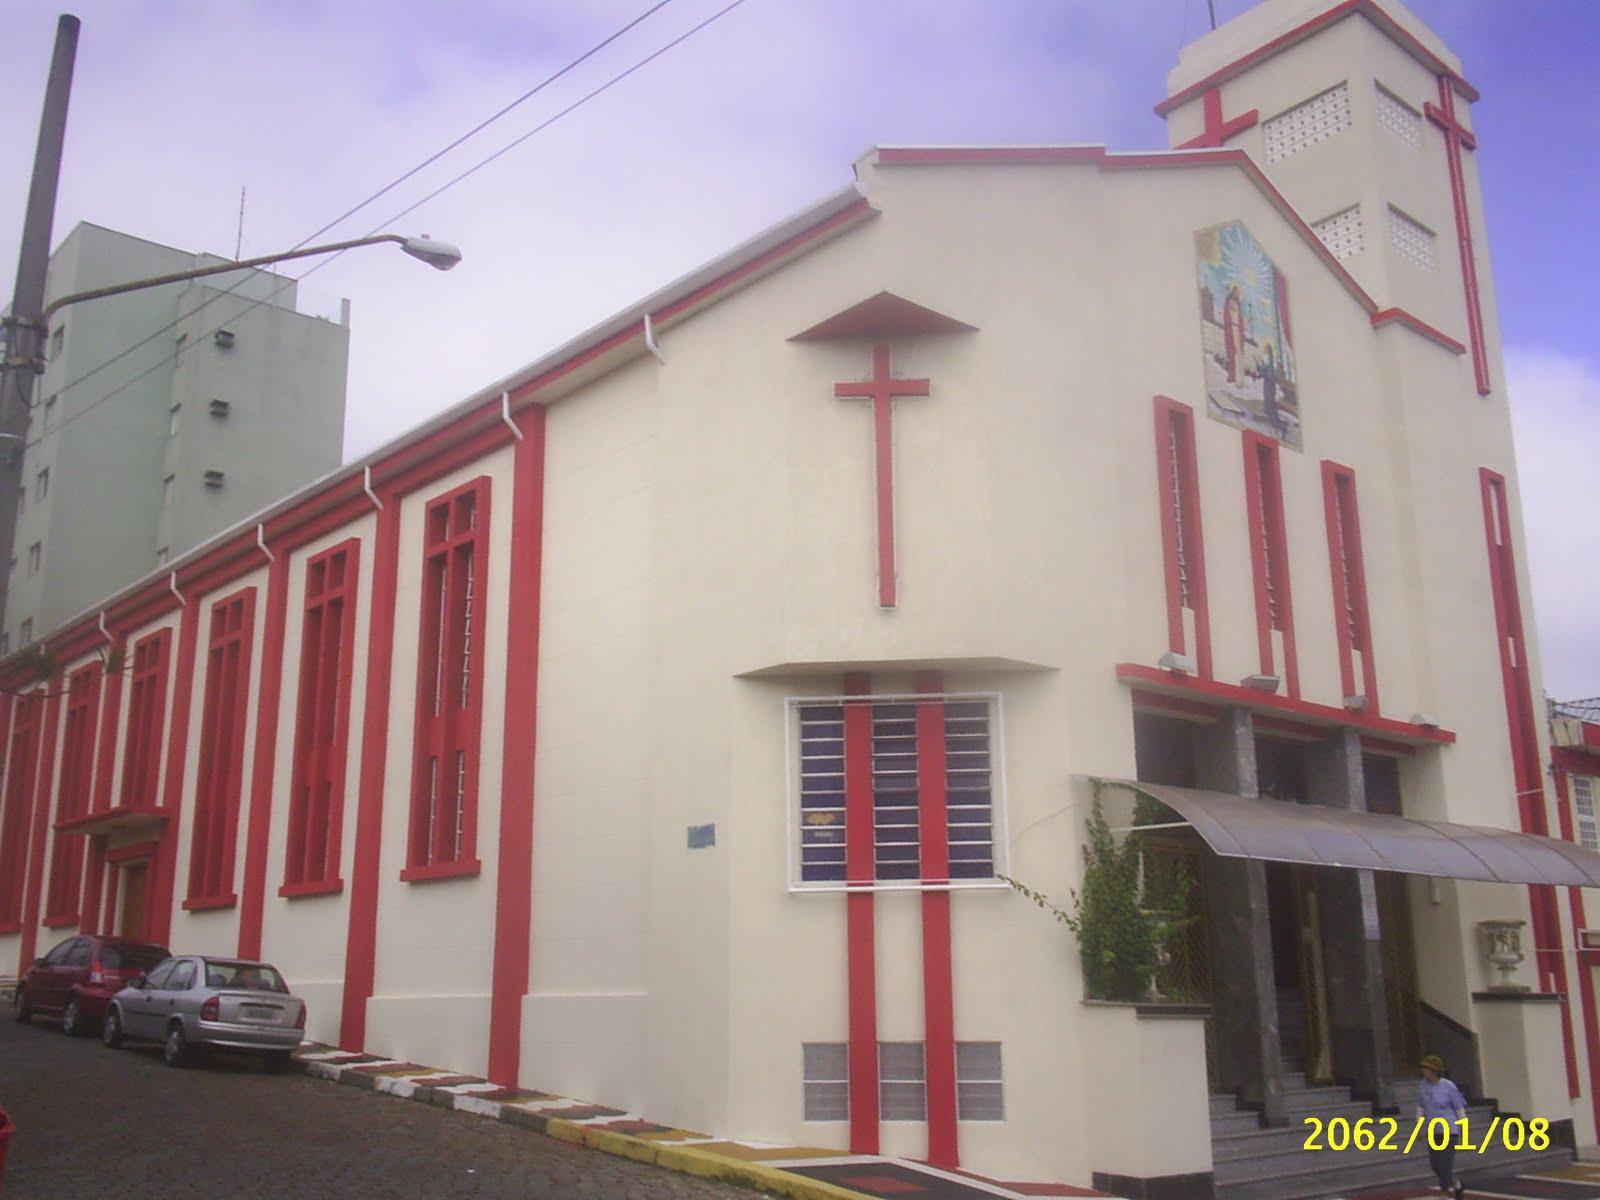 #393596 Related Wallpapers Gesso Em Mogi Das Cruzes Lista Mogi Das Cruzes 180 Janelas De Vidro Mogi Das Cruzes